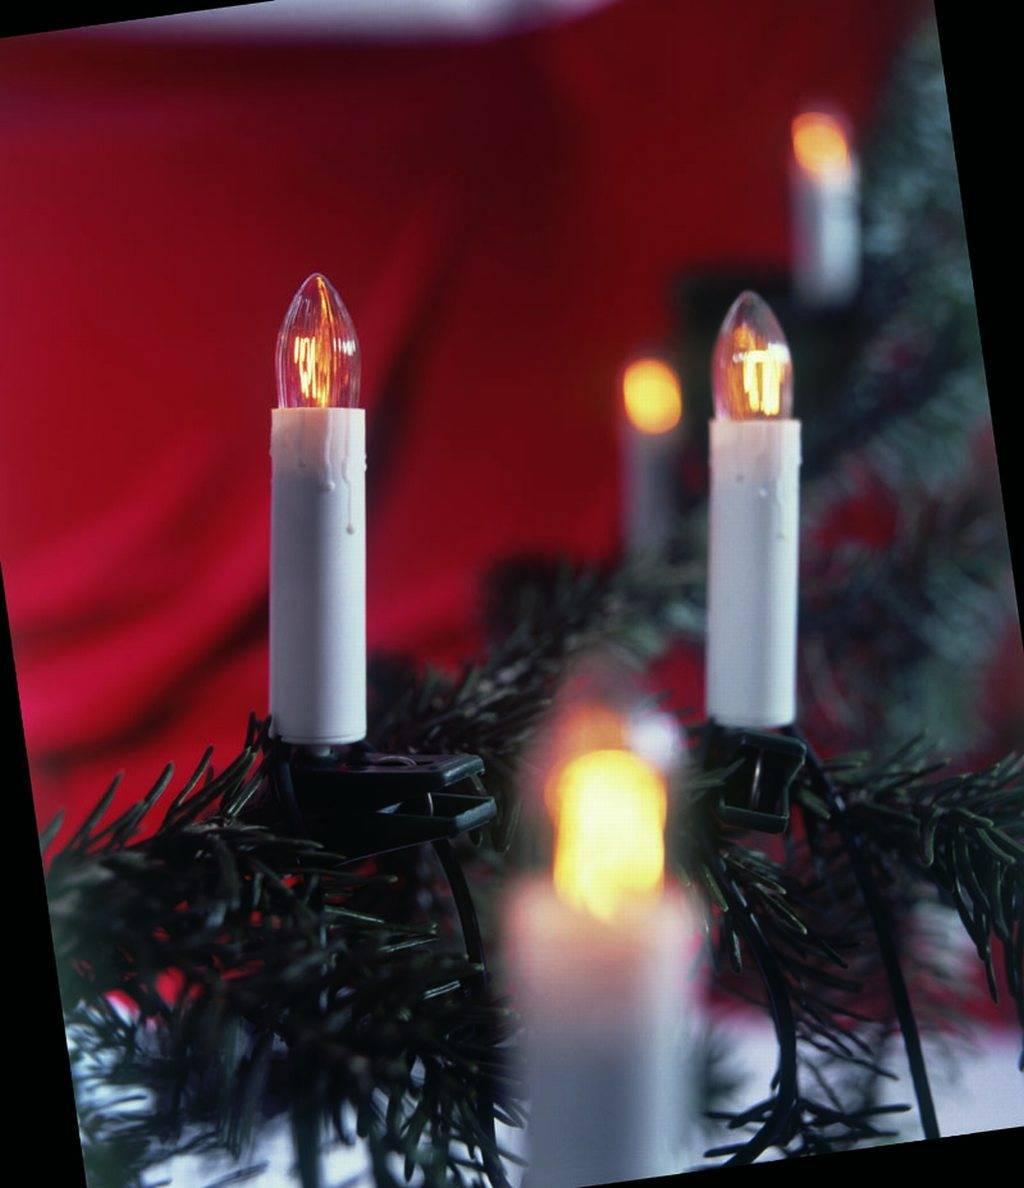 20er Kerzenlichterkette mit hohem Schaft Weihnachtsbaumbeleuchtung Dekoration kein LED